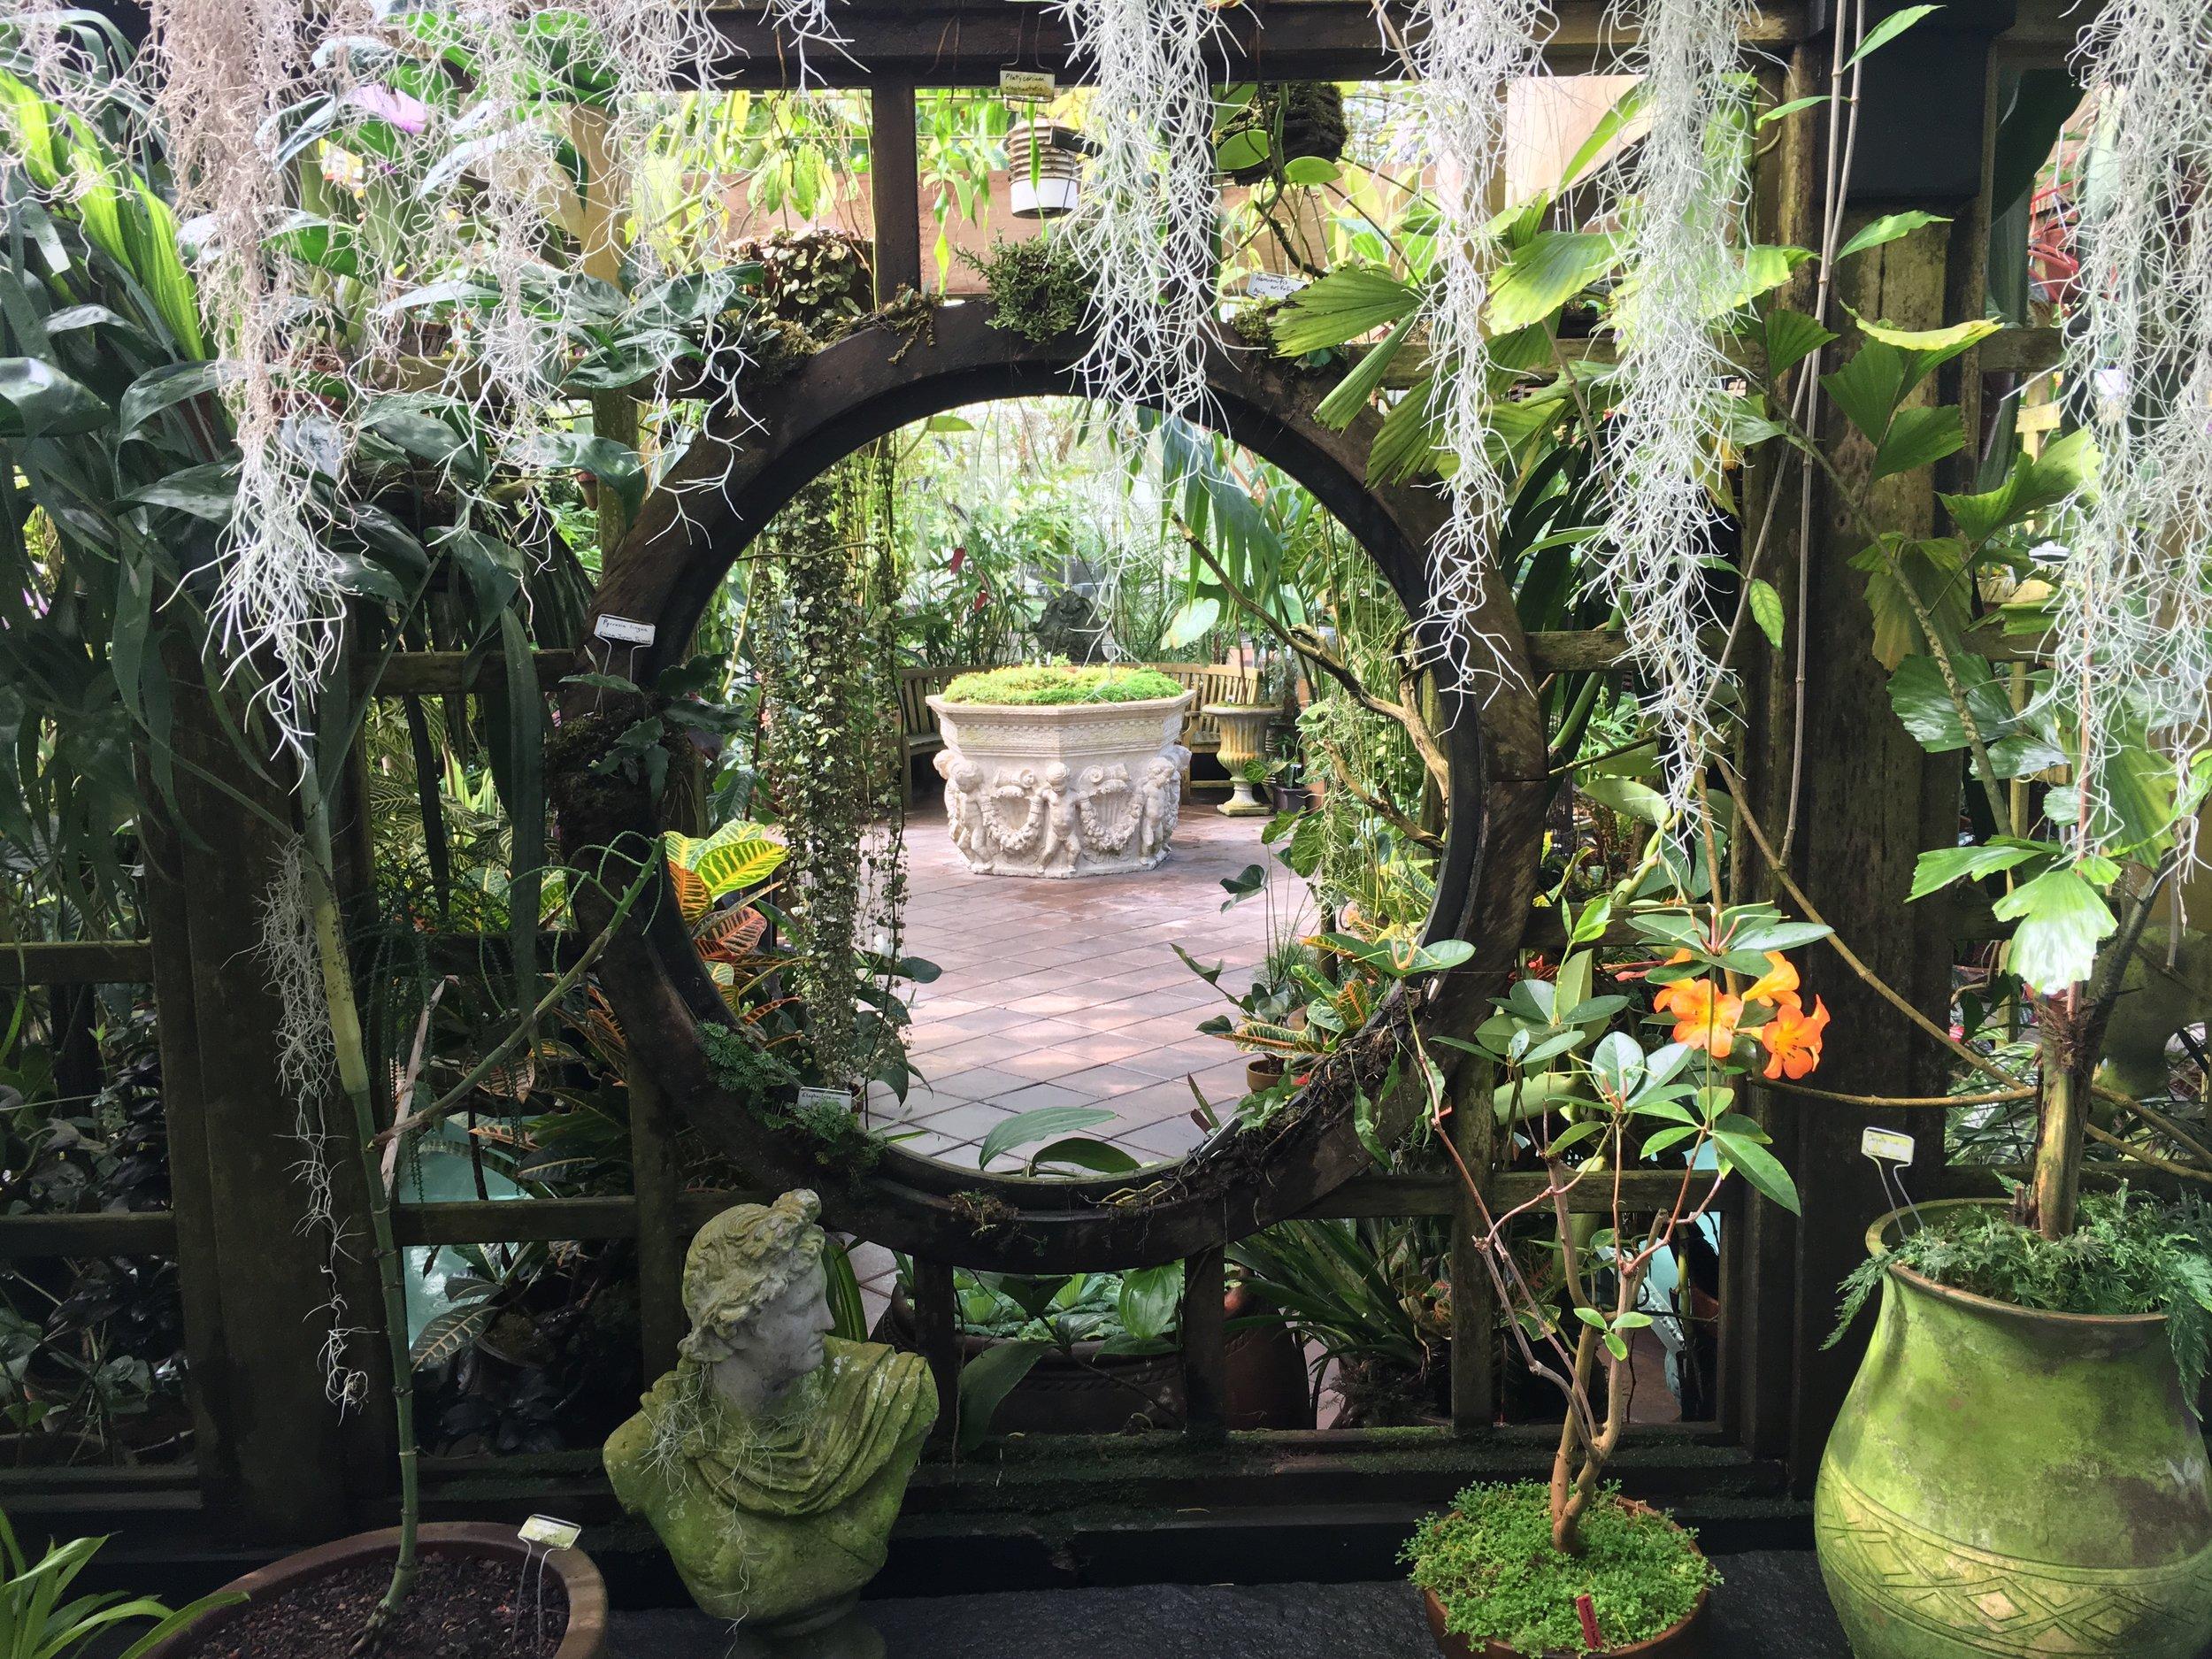 San Francisco Green House Gardens with Fountain